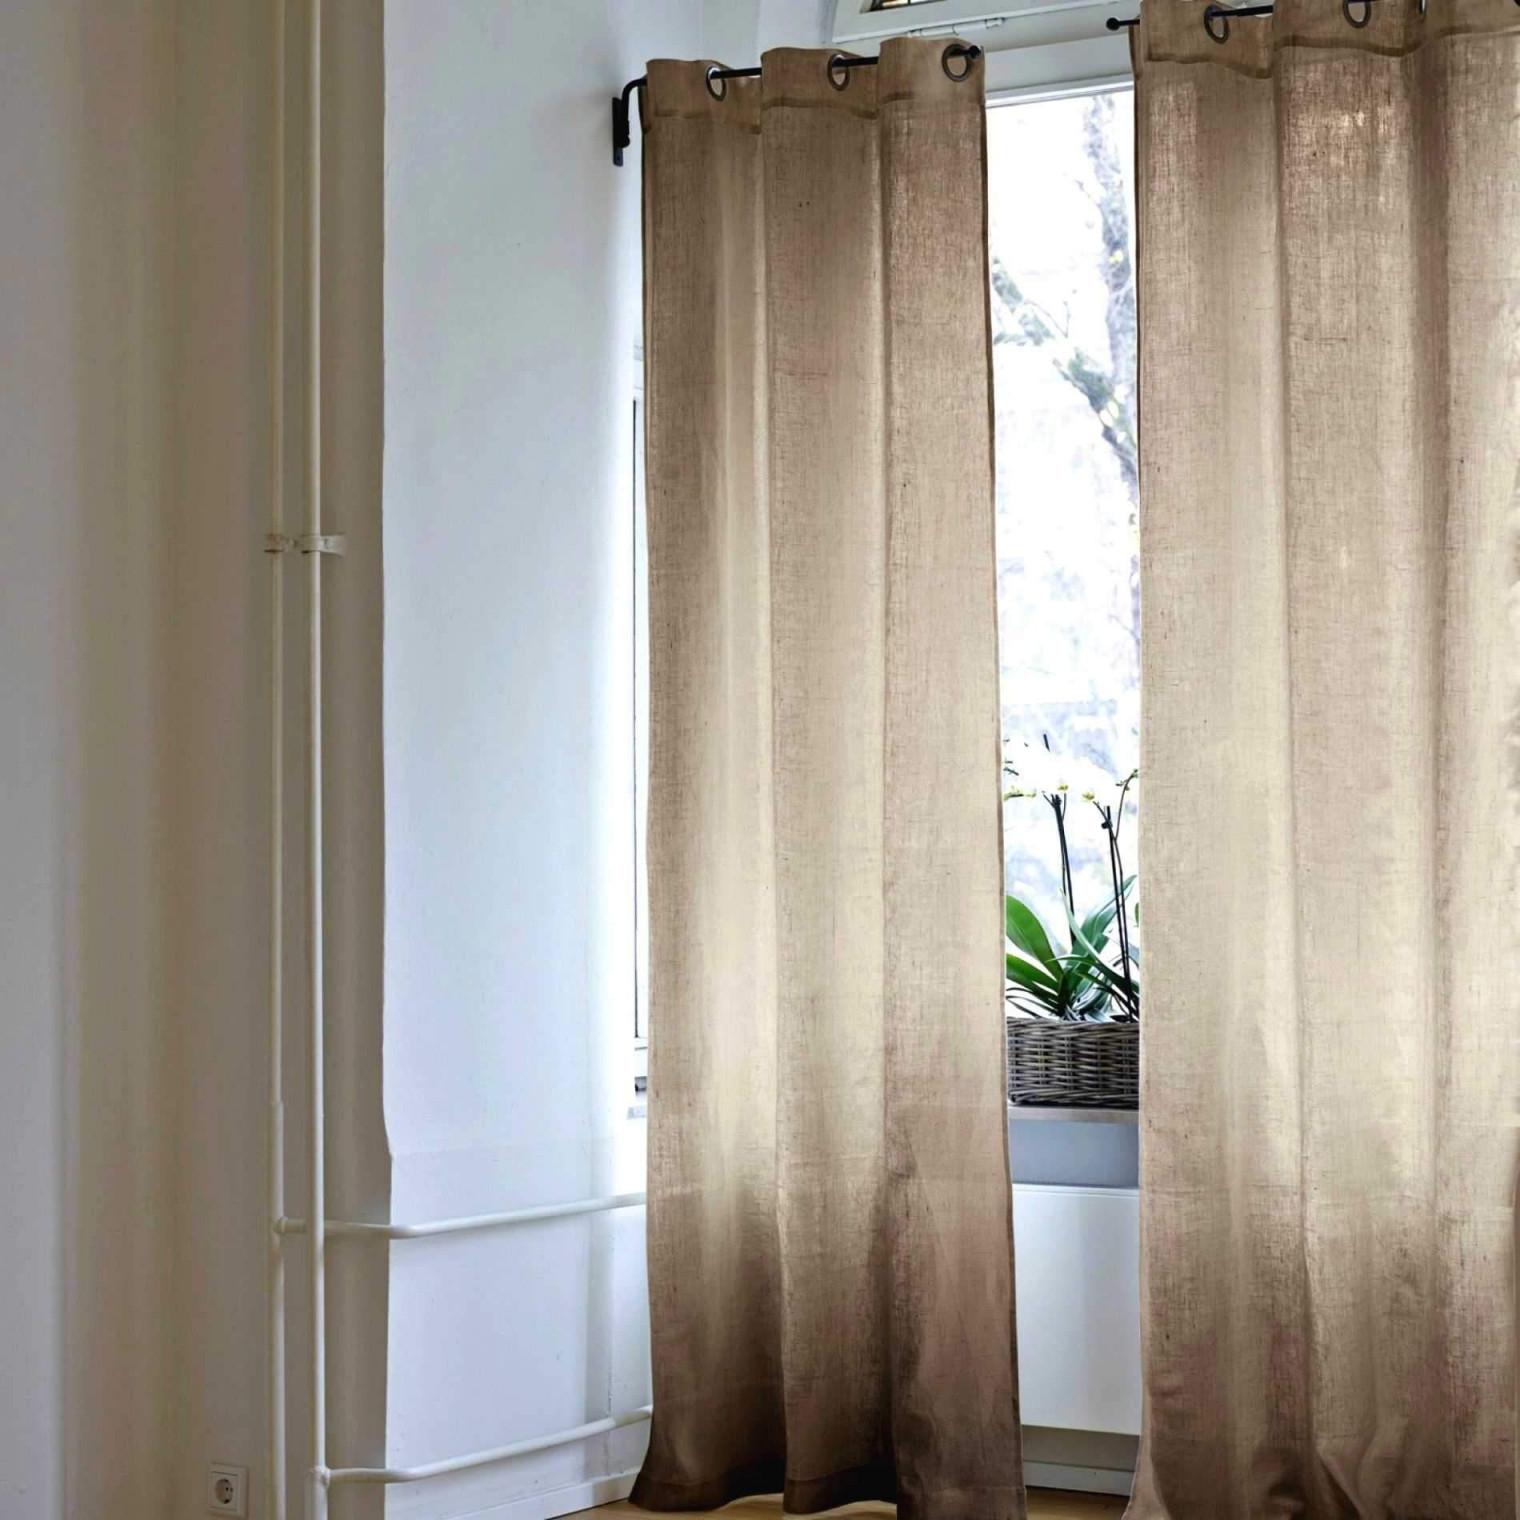 36 Frisch Wohnzimmer Gardinen Mit Balkontür Inspirierend von Gardinen Für Das Wohnzimmer Bild